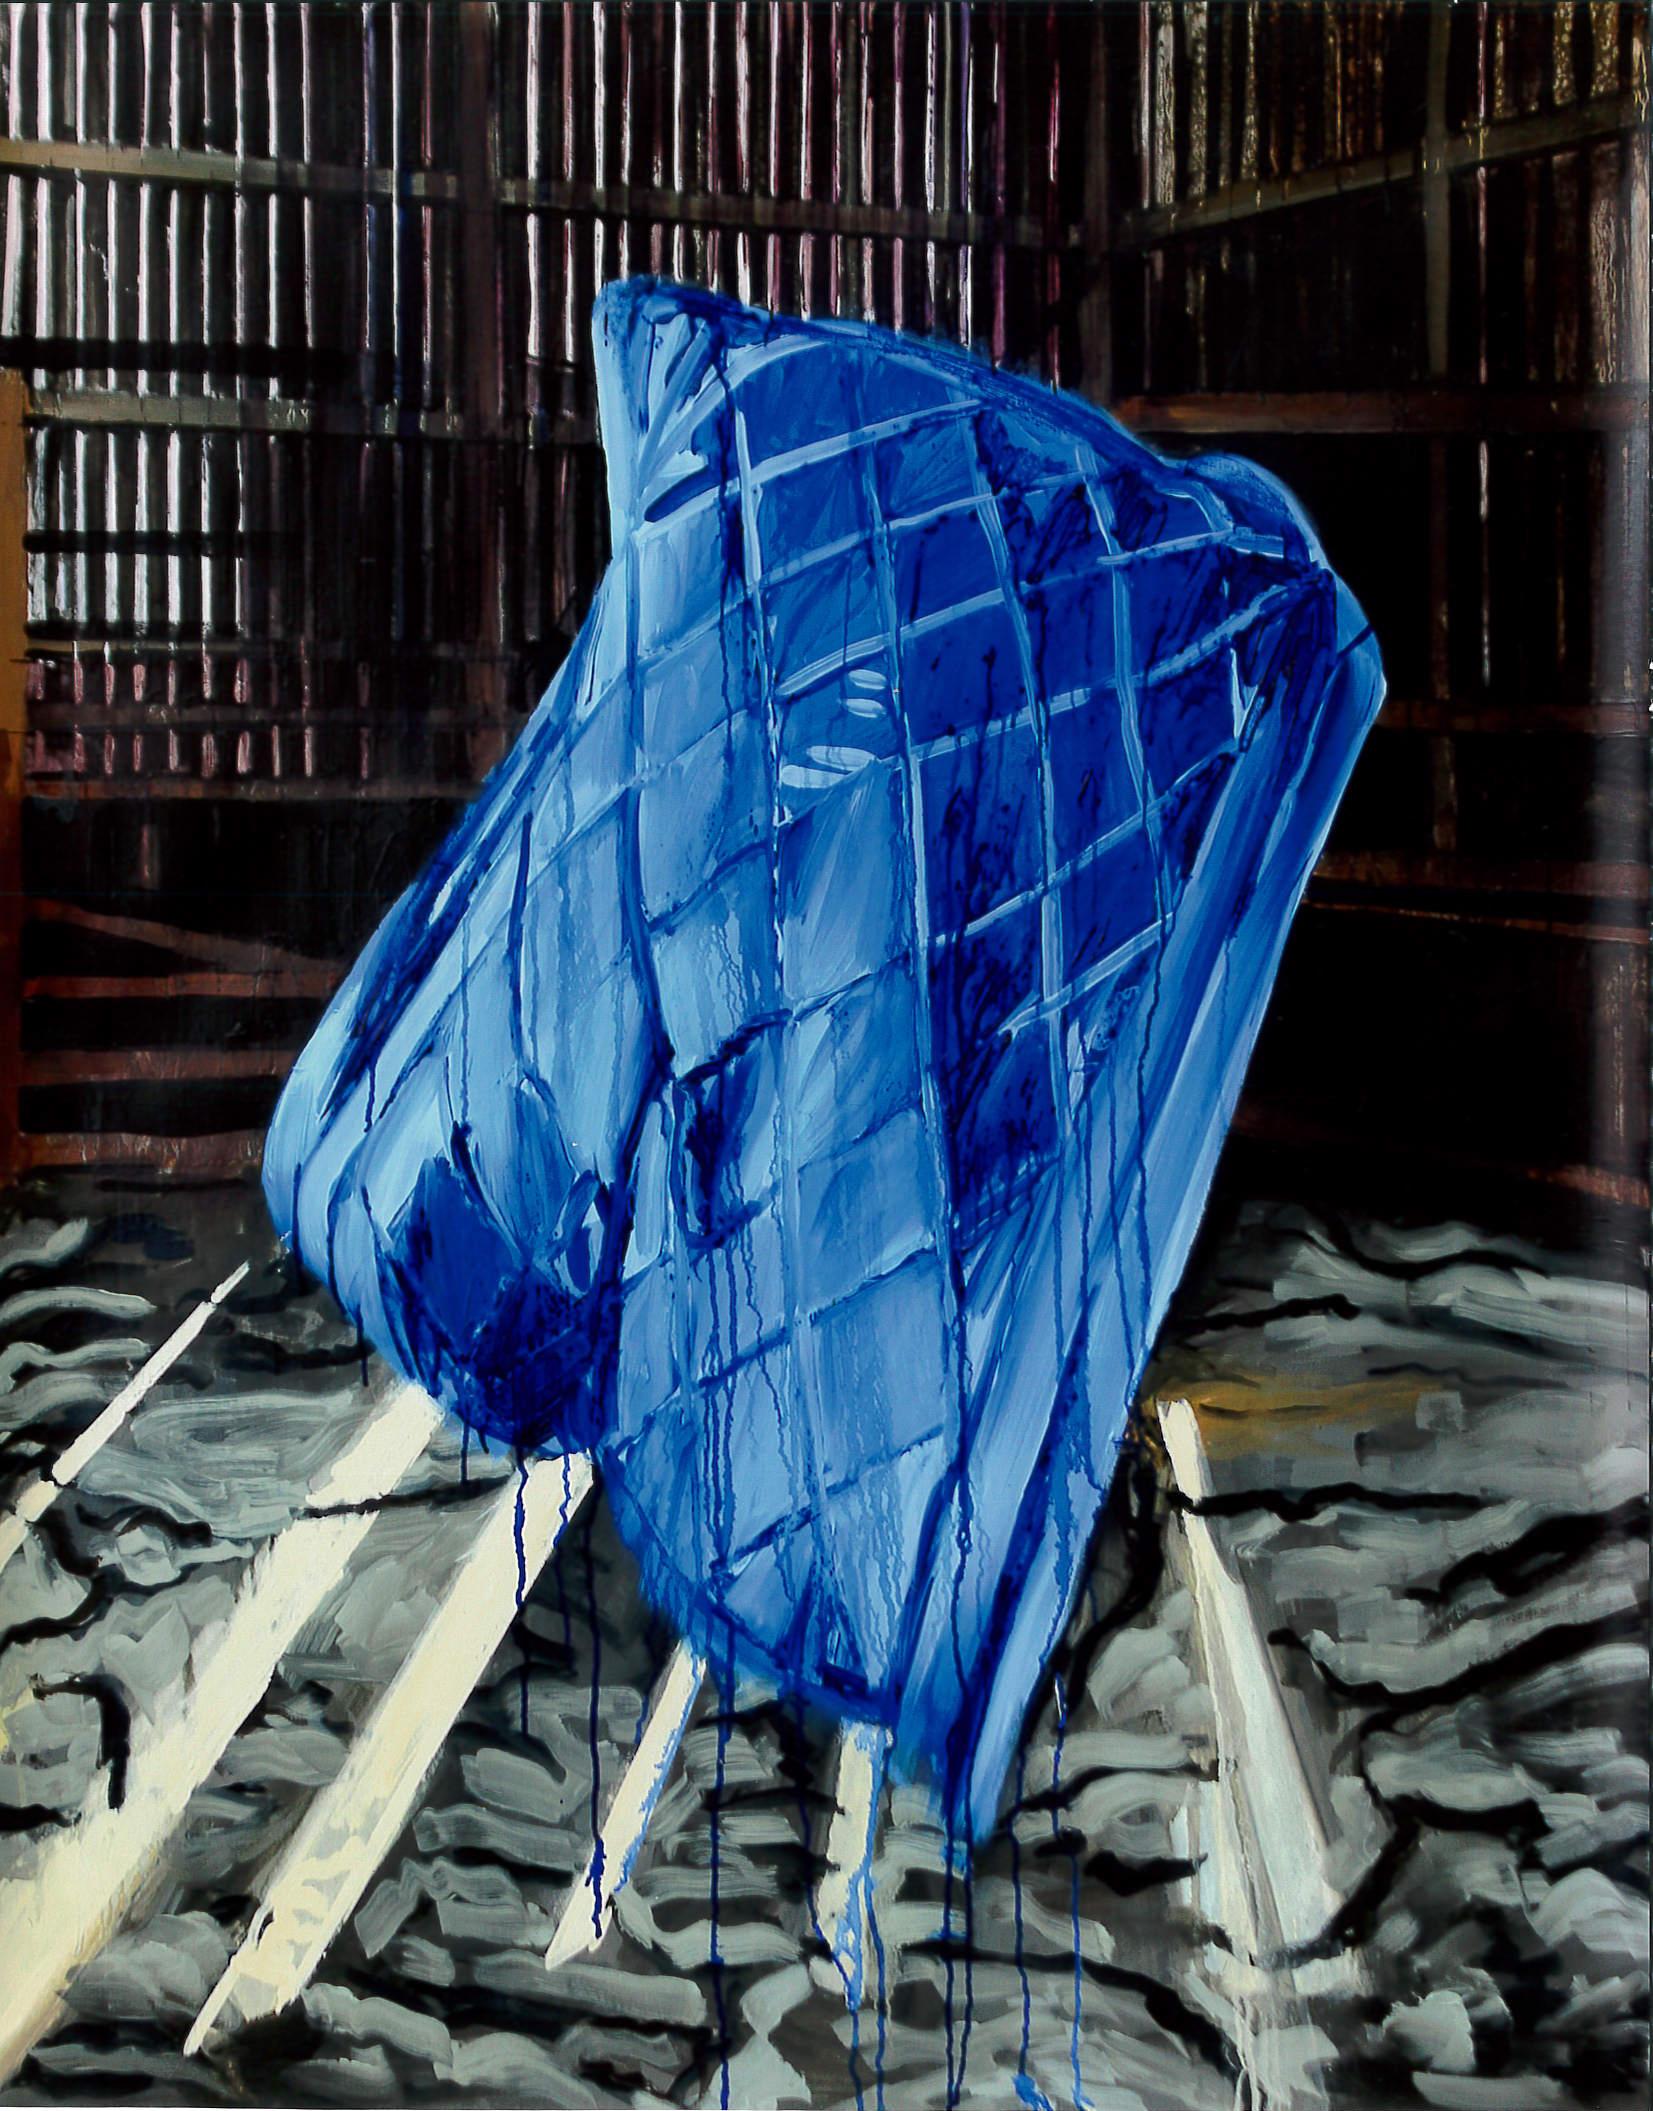 Blue Morpho - Klicka för att byta till perspektivbild.